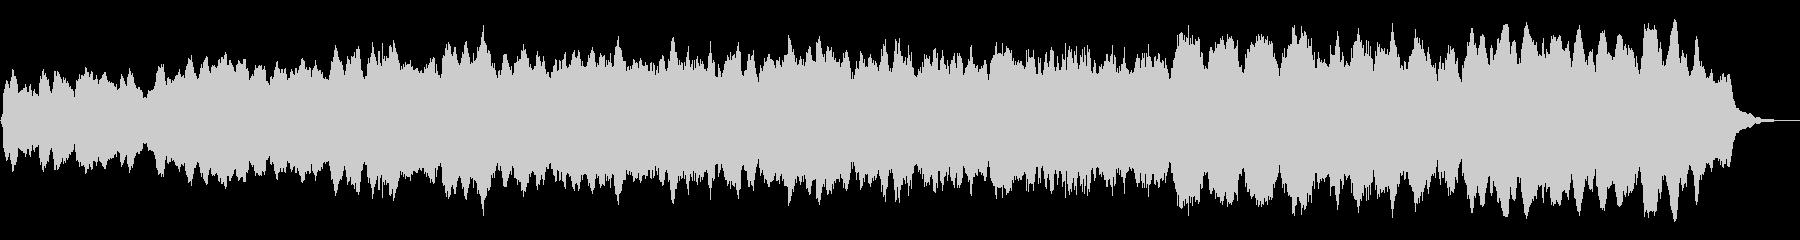 パイプオルガンオリジナル神秘系の曲ですの未再生の波形